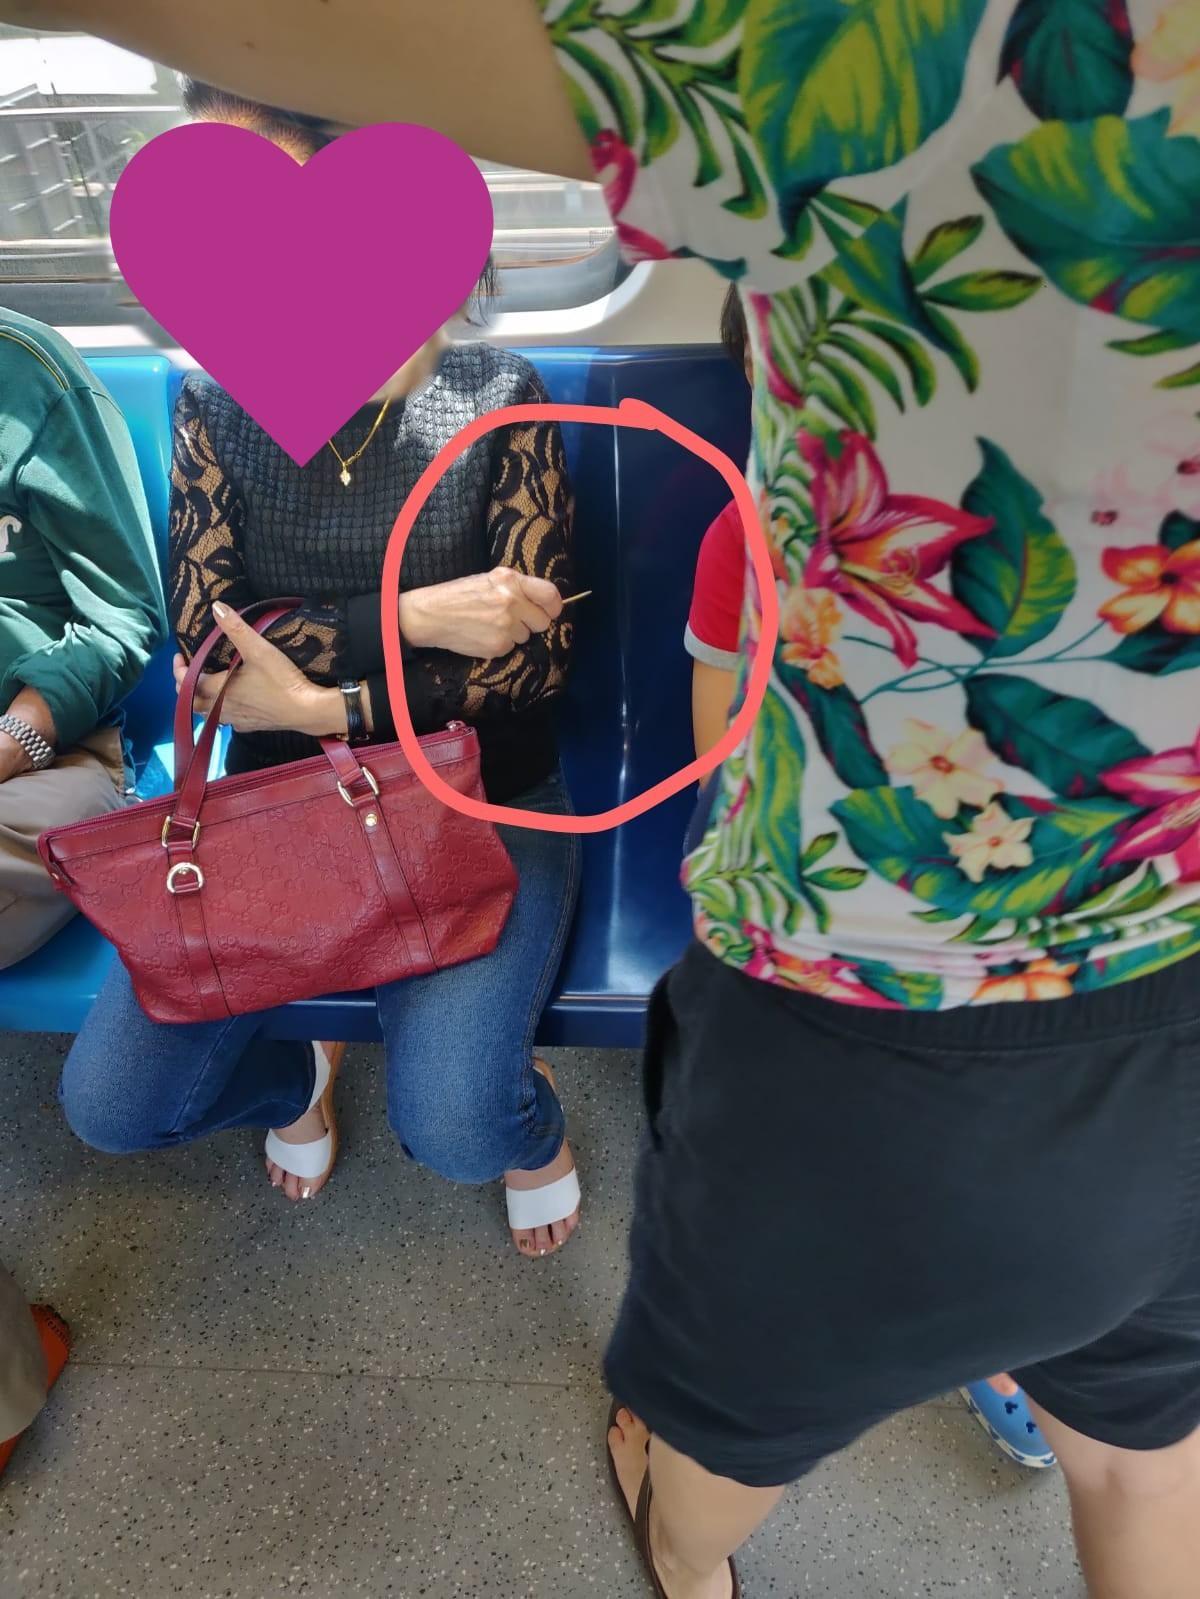 Bức ảnh người phụ nữ cầm cây tăm trên tay, bên cạnh là bé trai đang ngủ gật để tránh đứa trẻ động vào người gây tranh cãi - Ảnh 1.